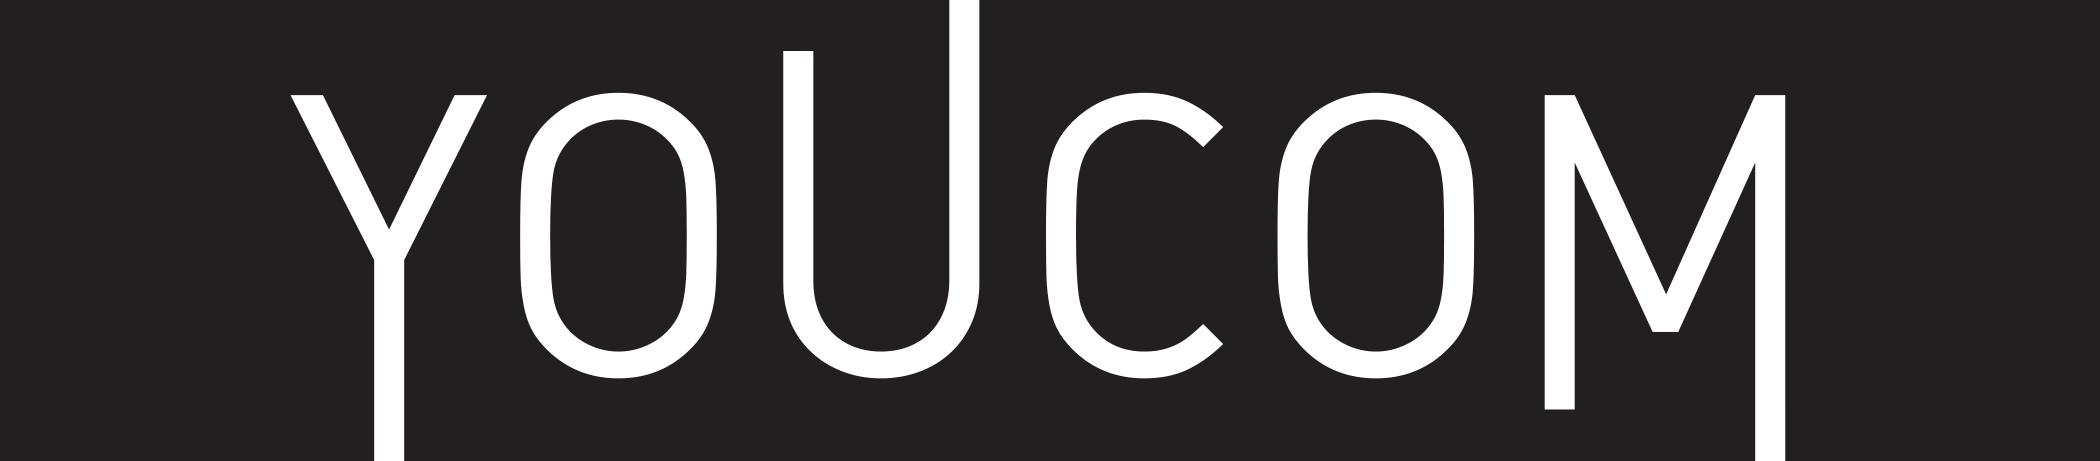 youcom logo 1 - Youcom Logo